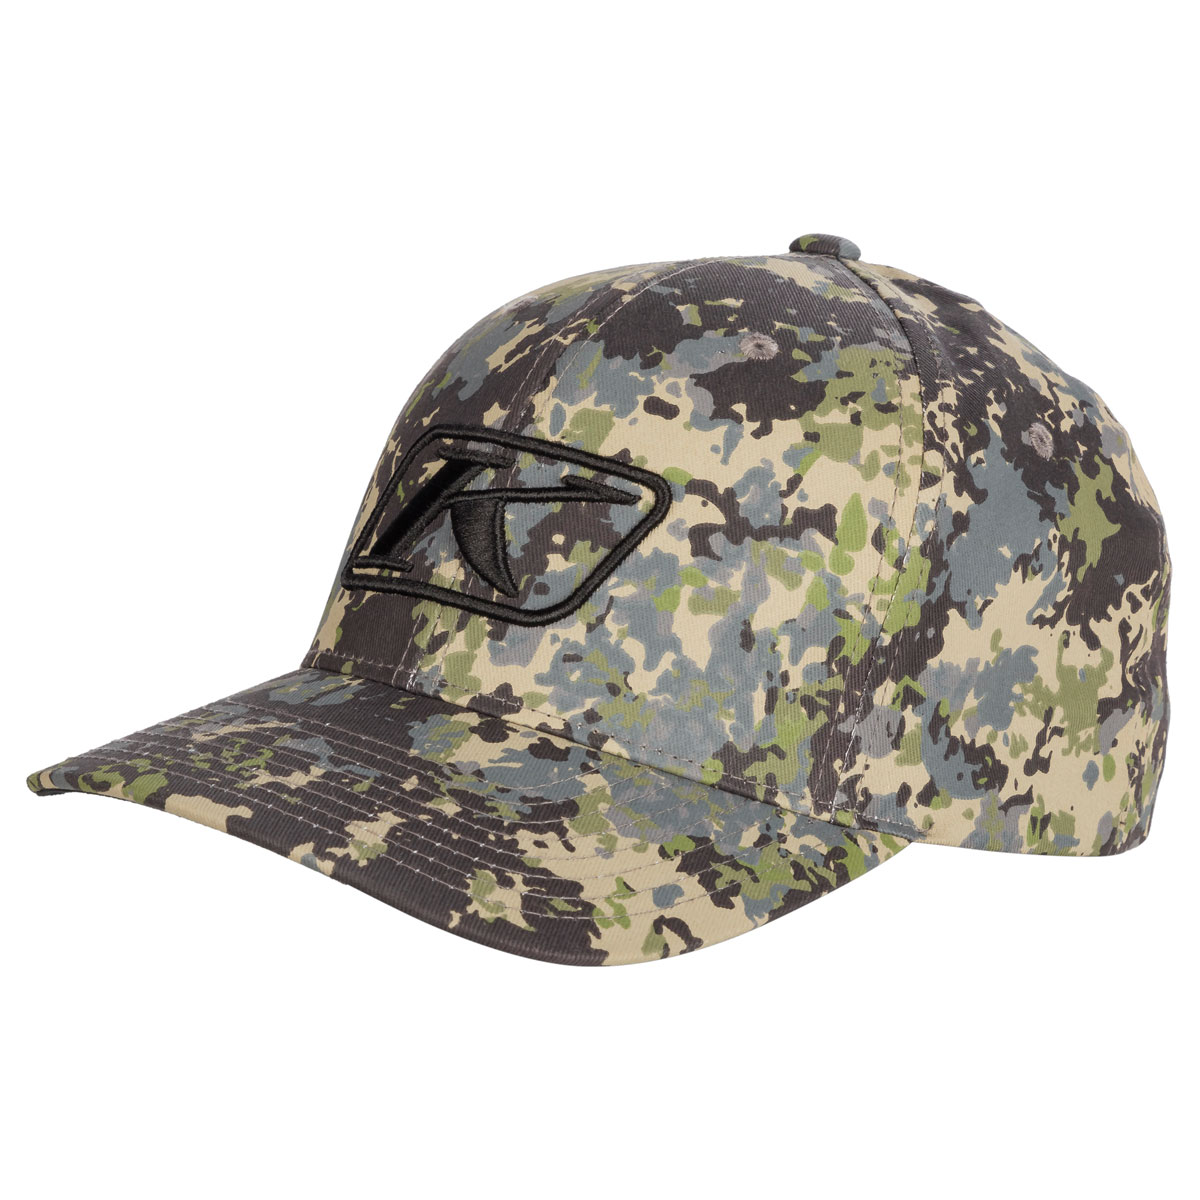 Klim Rider Camo Hat